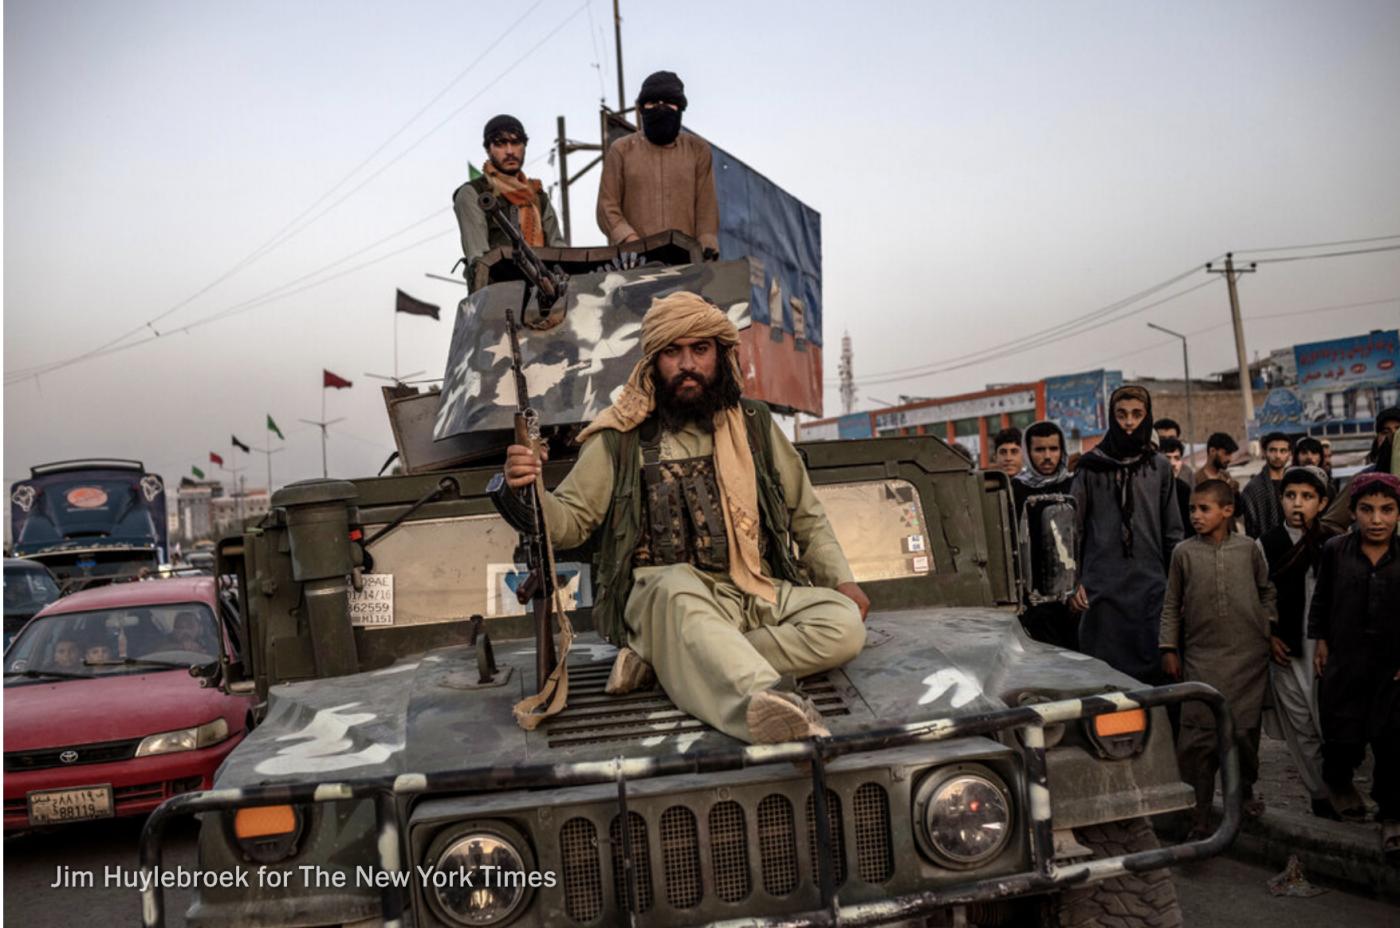 阿富汗的崩溃使美国可信度受到质疑_图1-1